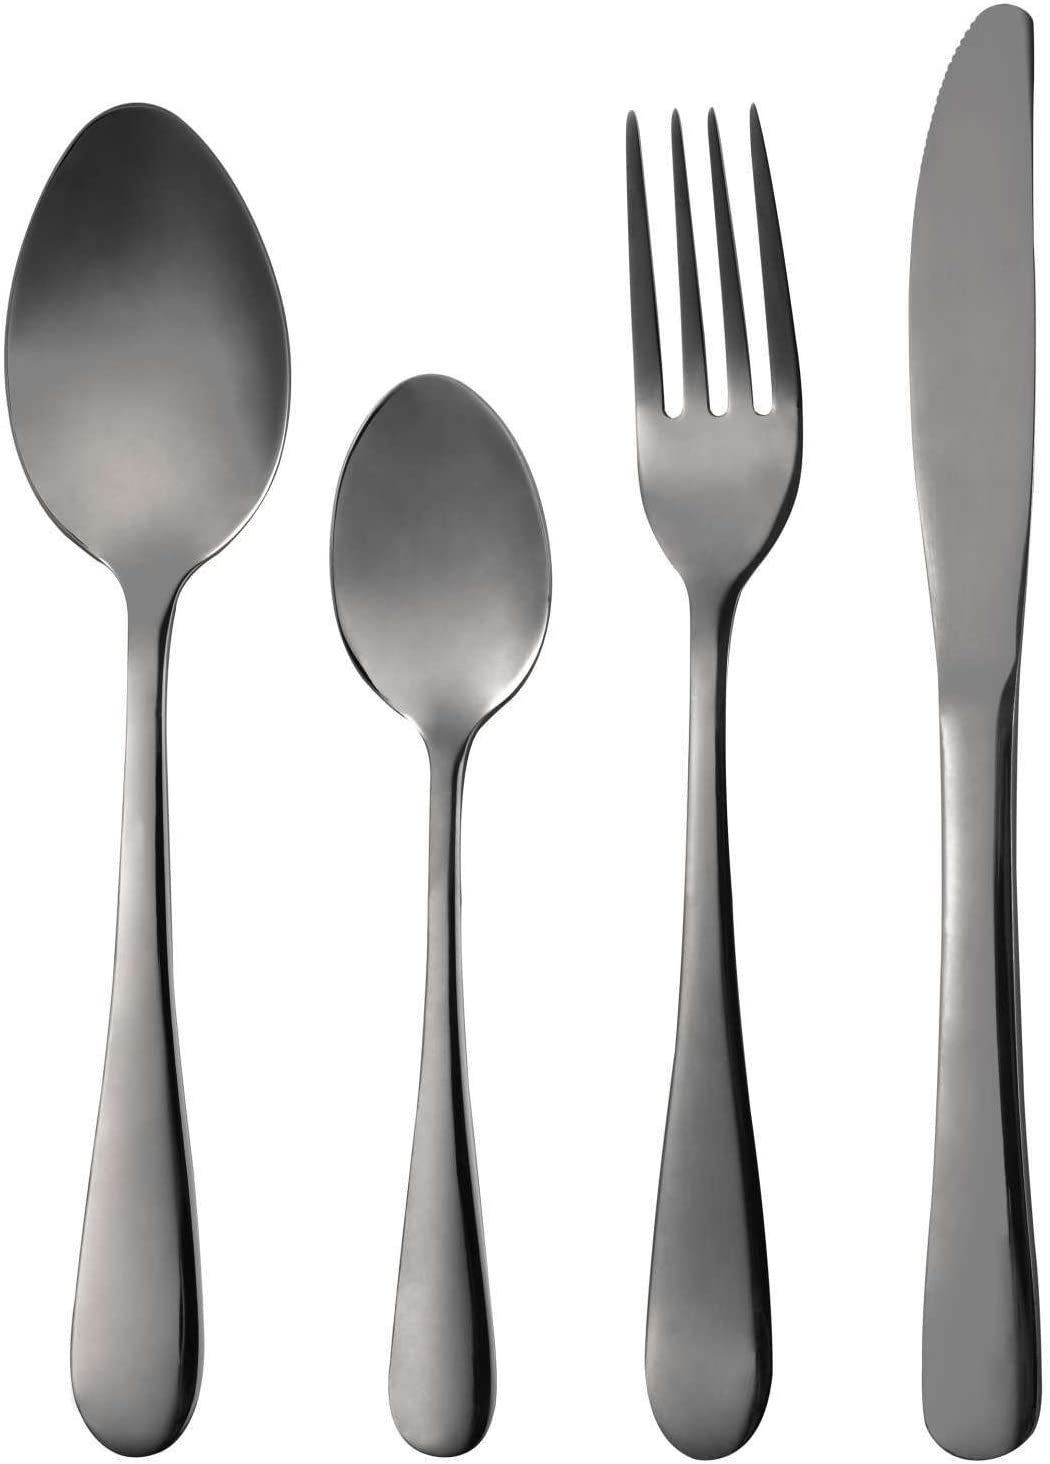 Neuf Table Forks King/'s Pattern X 6 en Acier Inoxydable